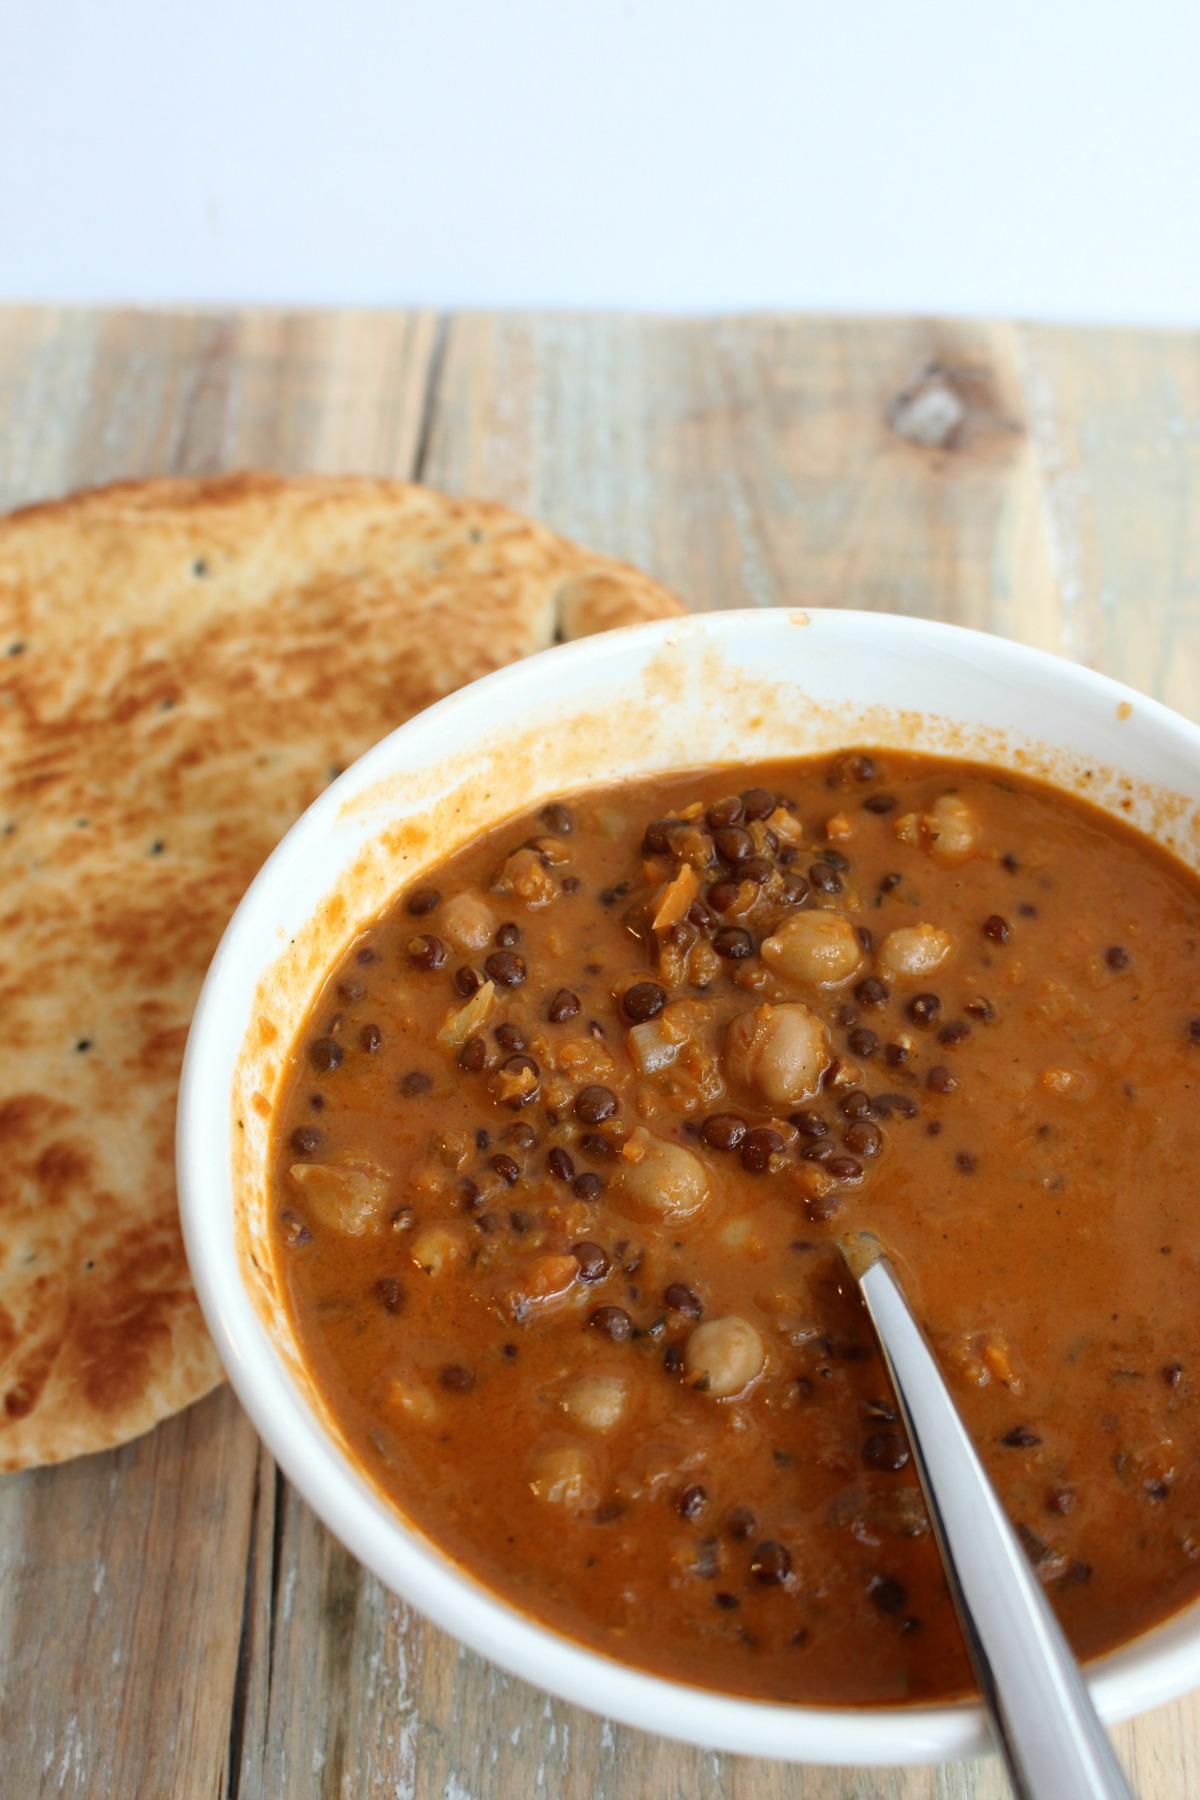 Kokos-linzen soep